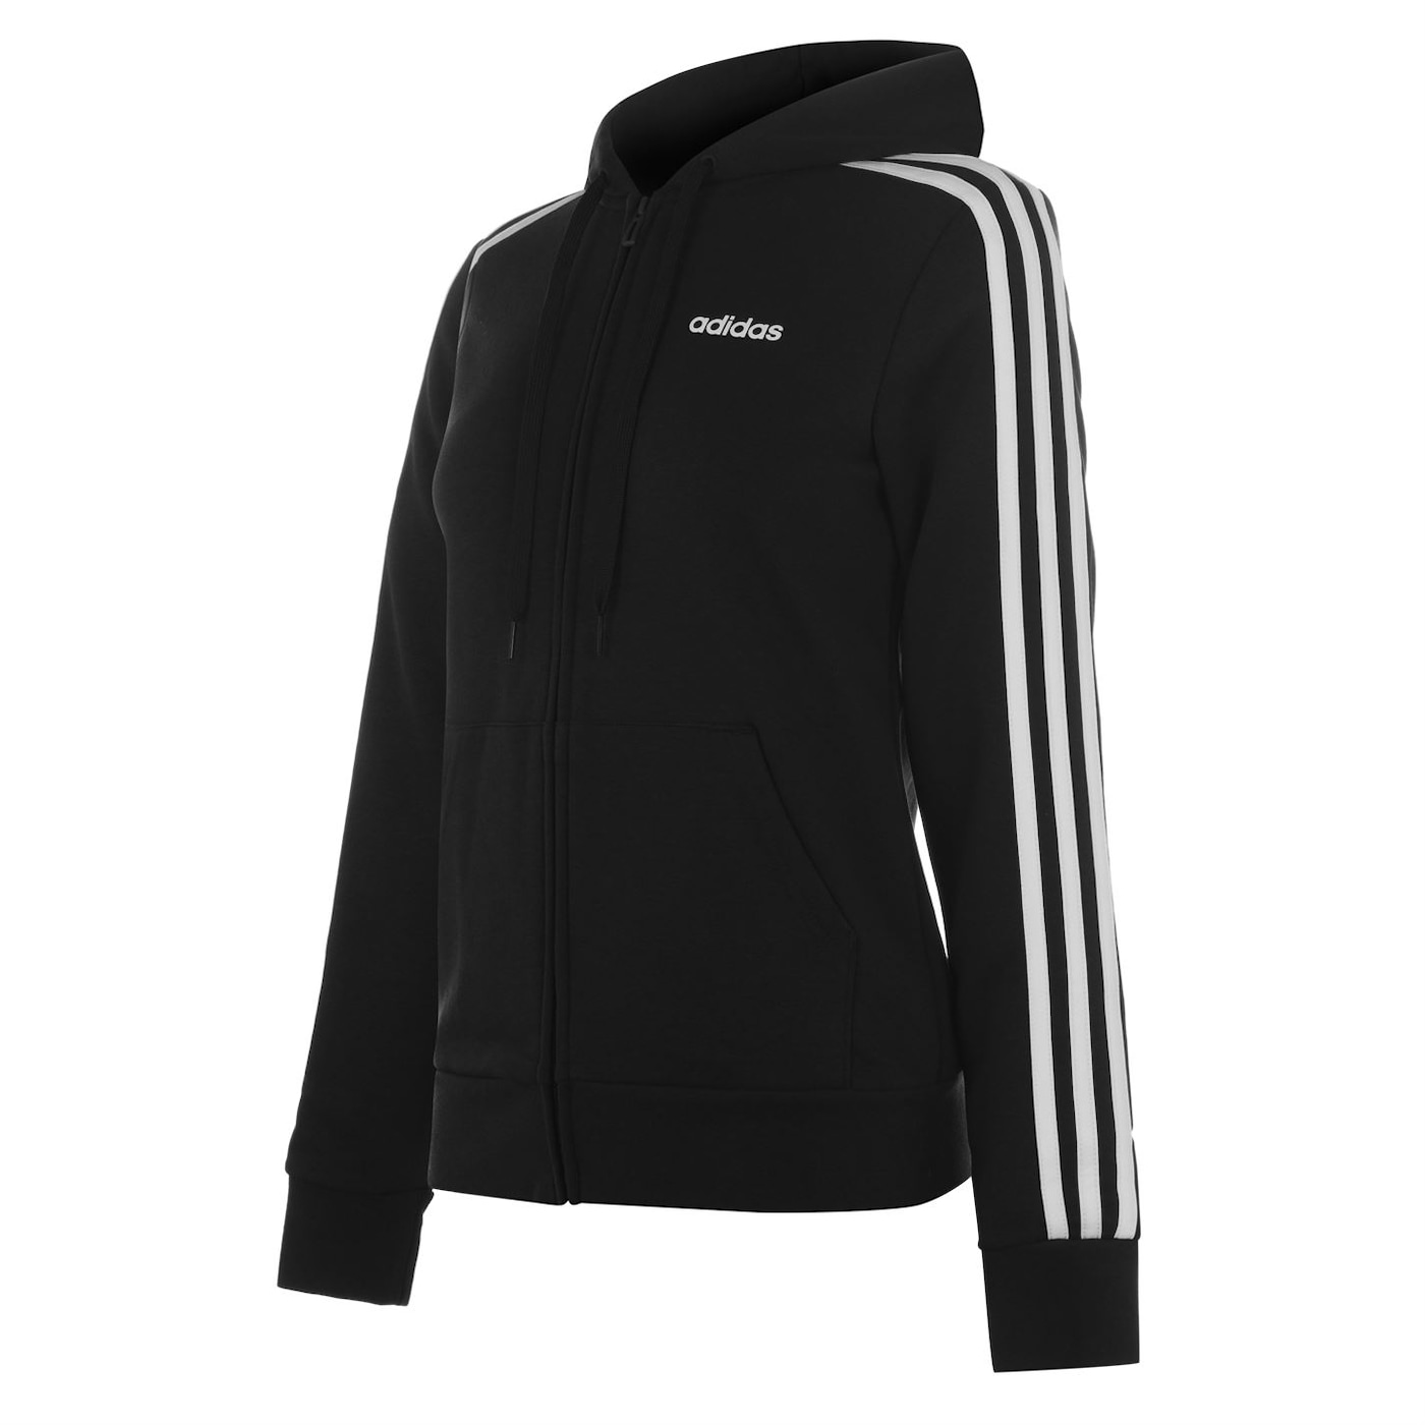 Adidas Essential 3 Stripe Zip Hoody Ladies